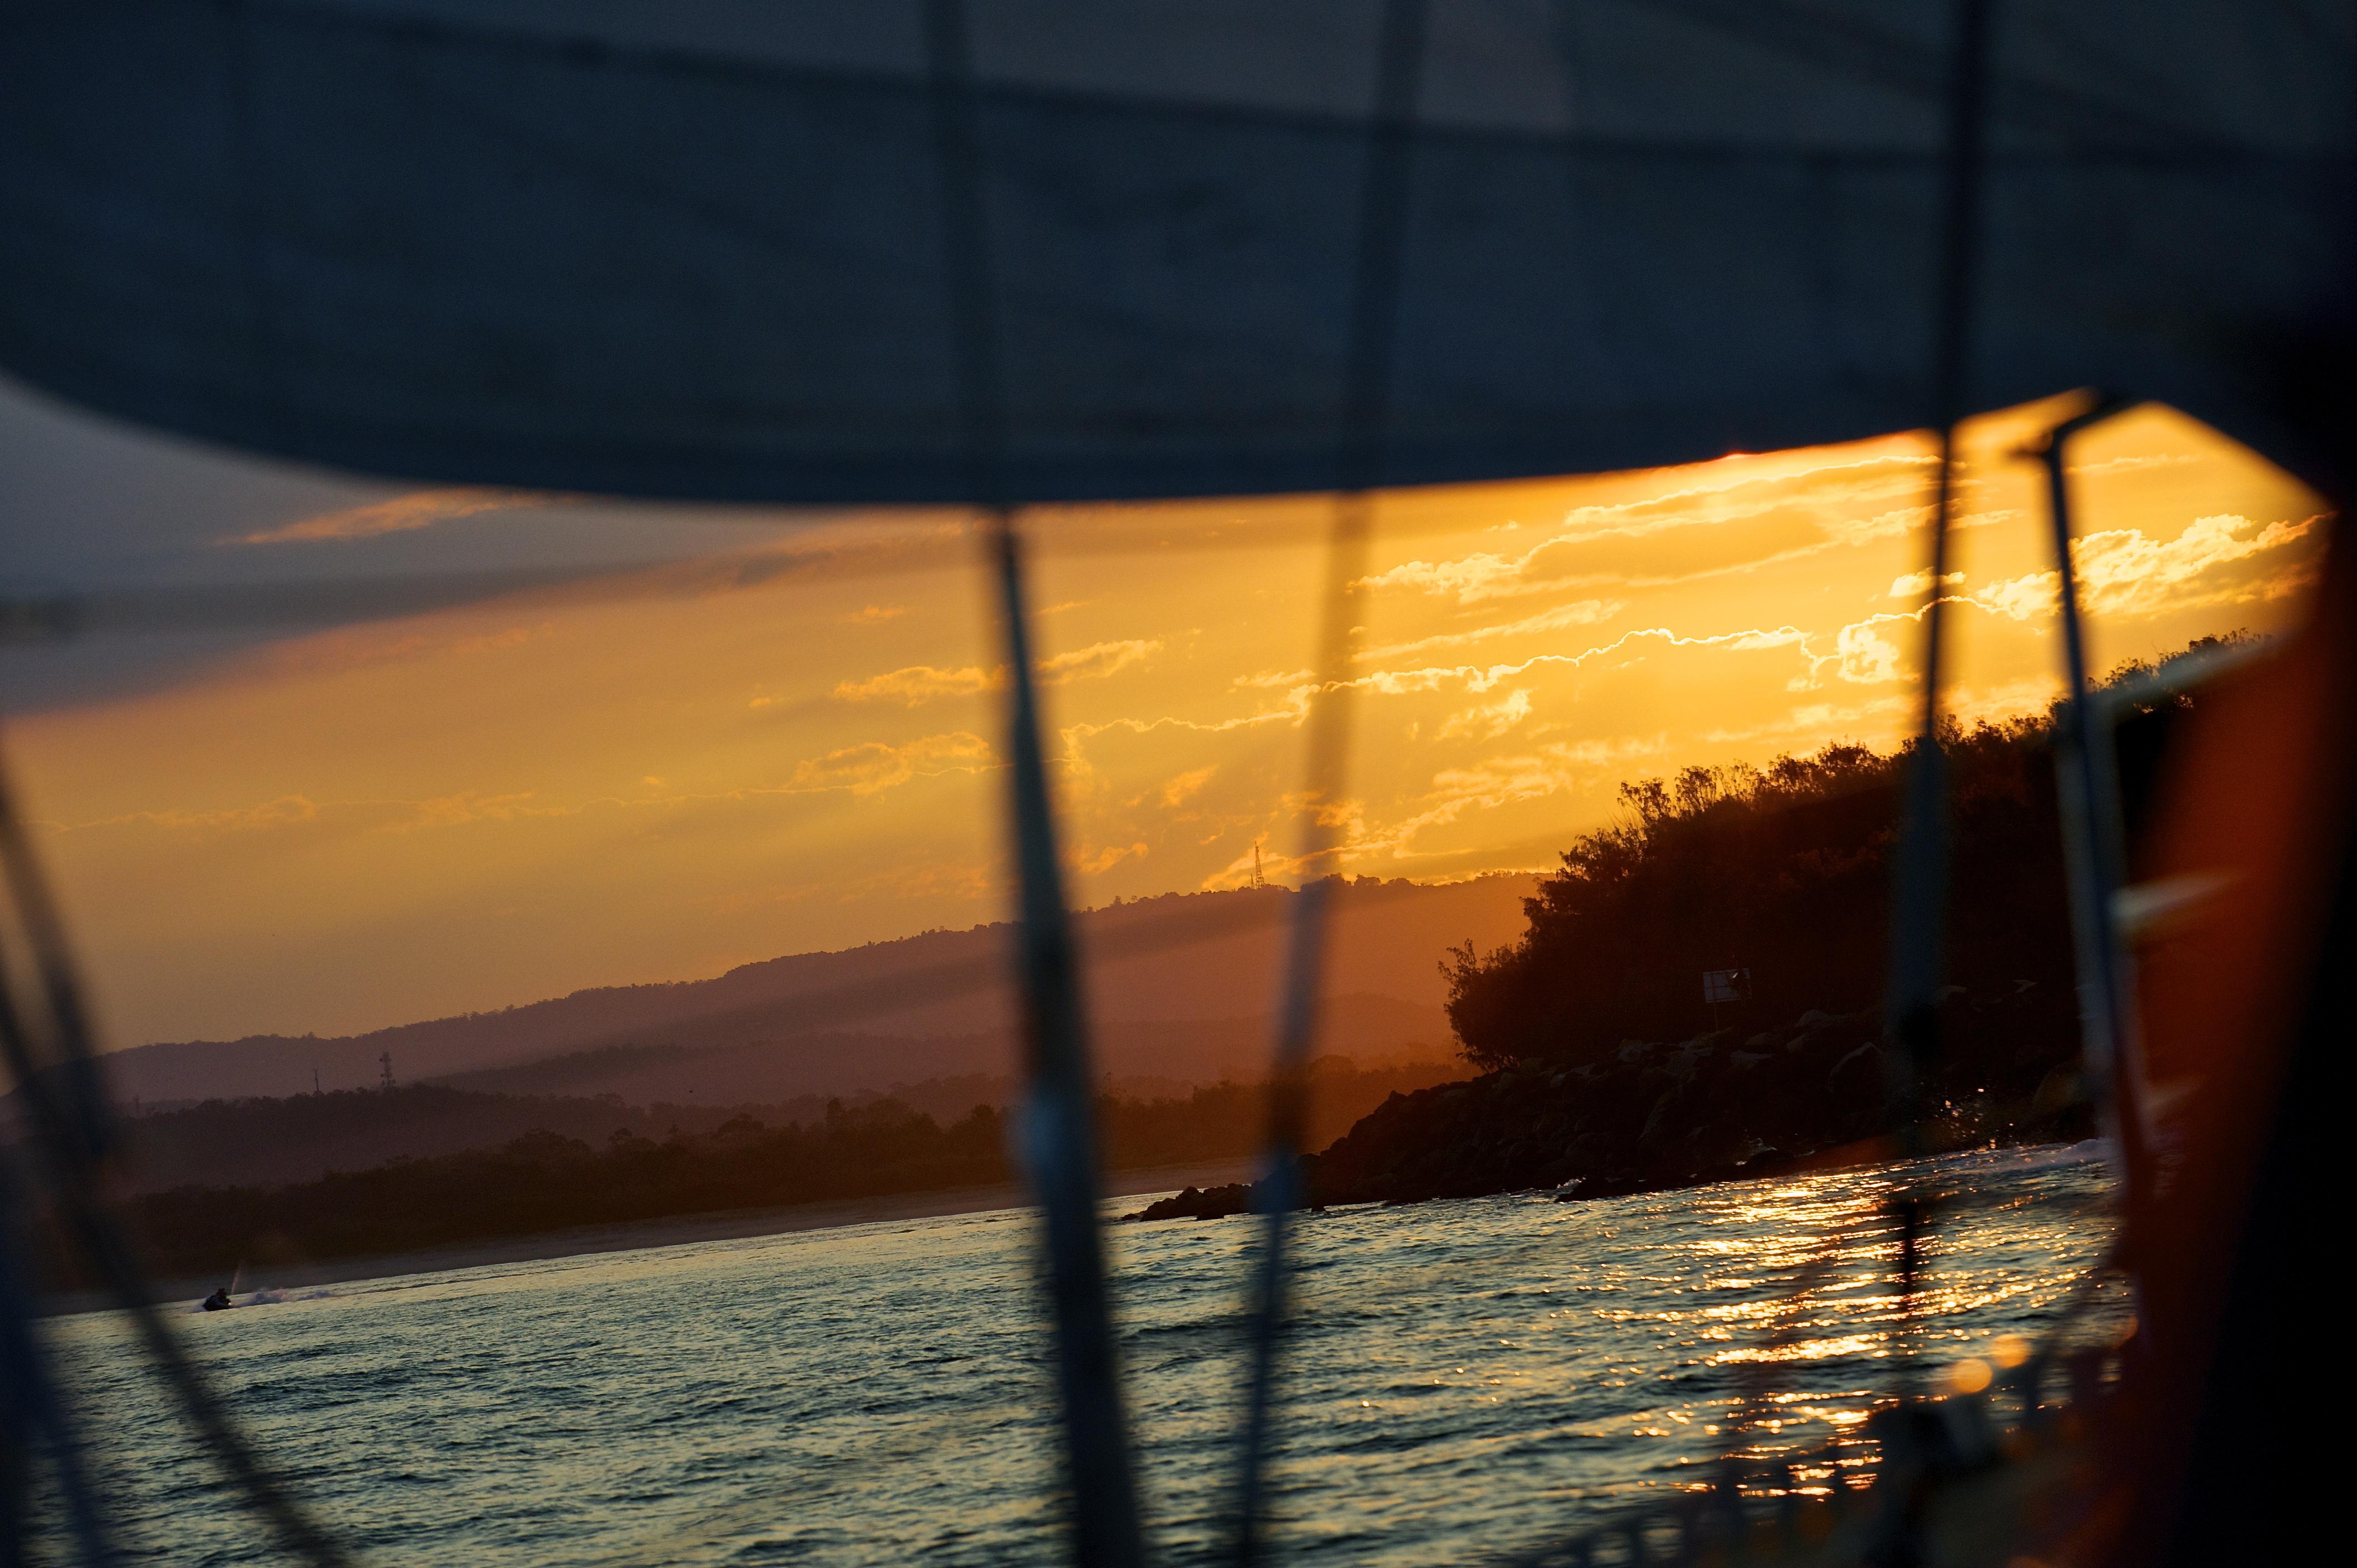 Sailing sunsetcruise gold coast